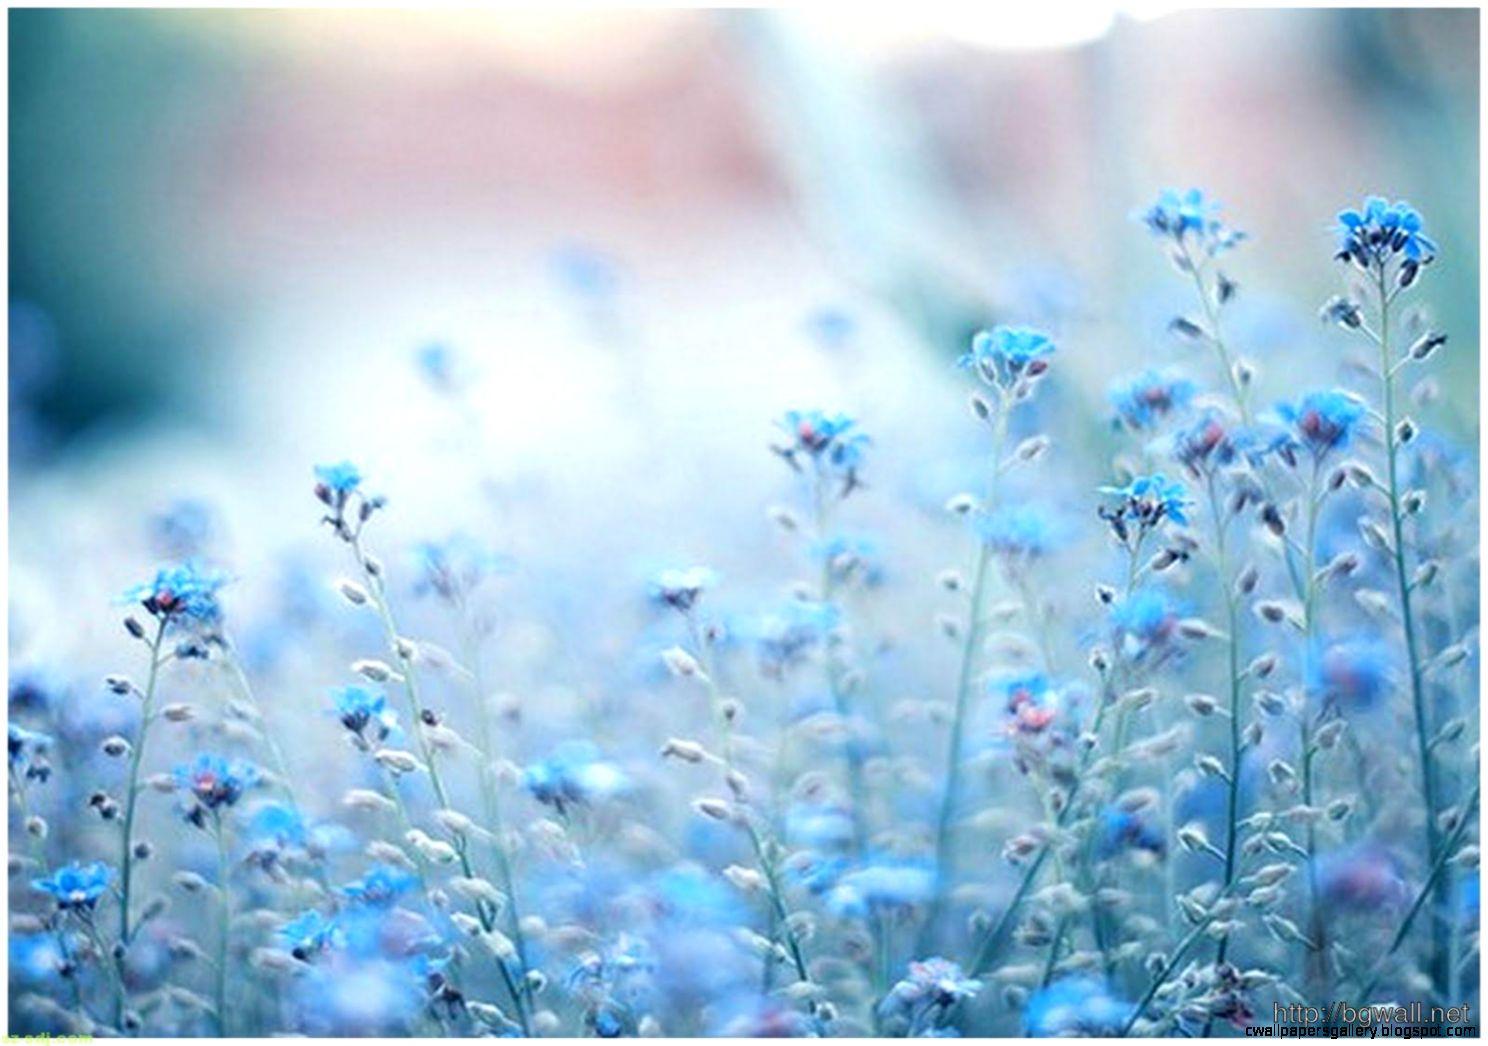 Blue Flower Background Tumblr